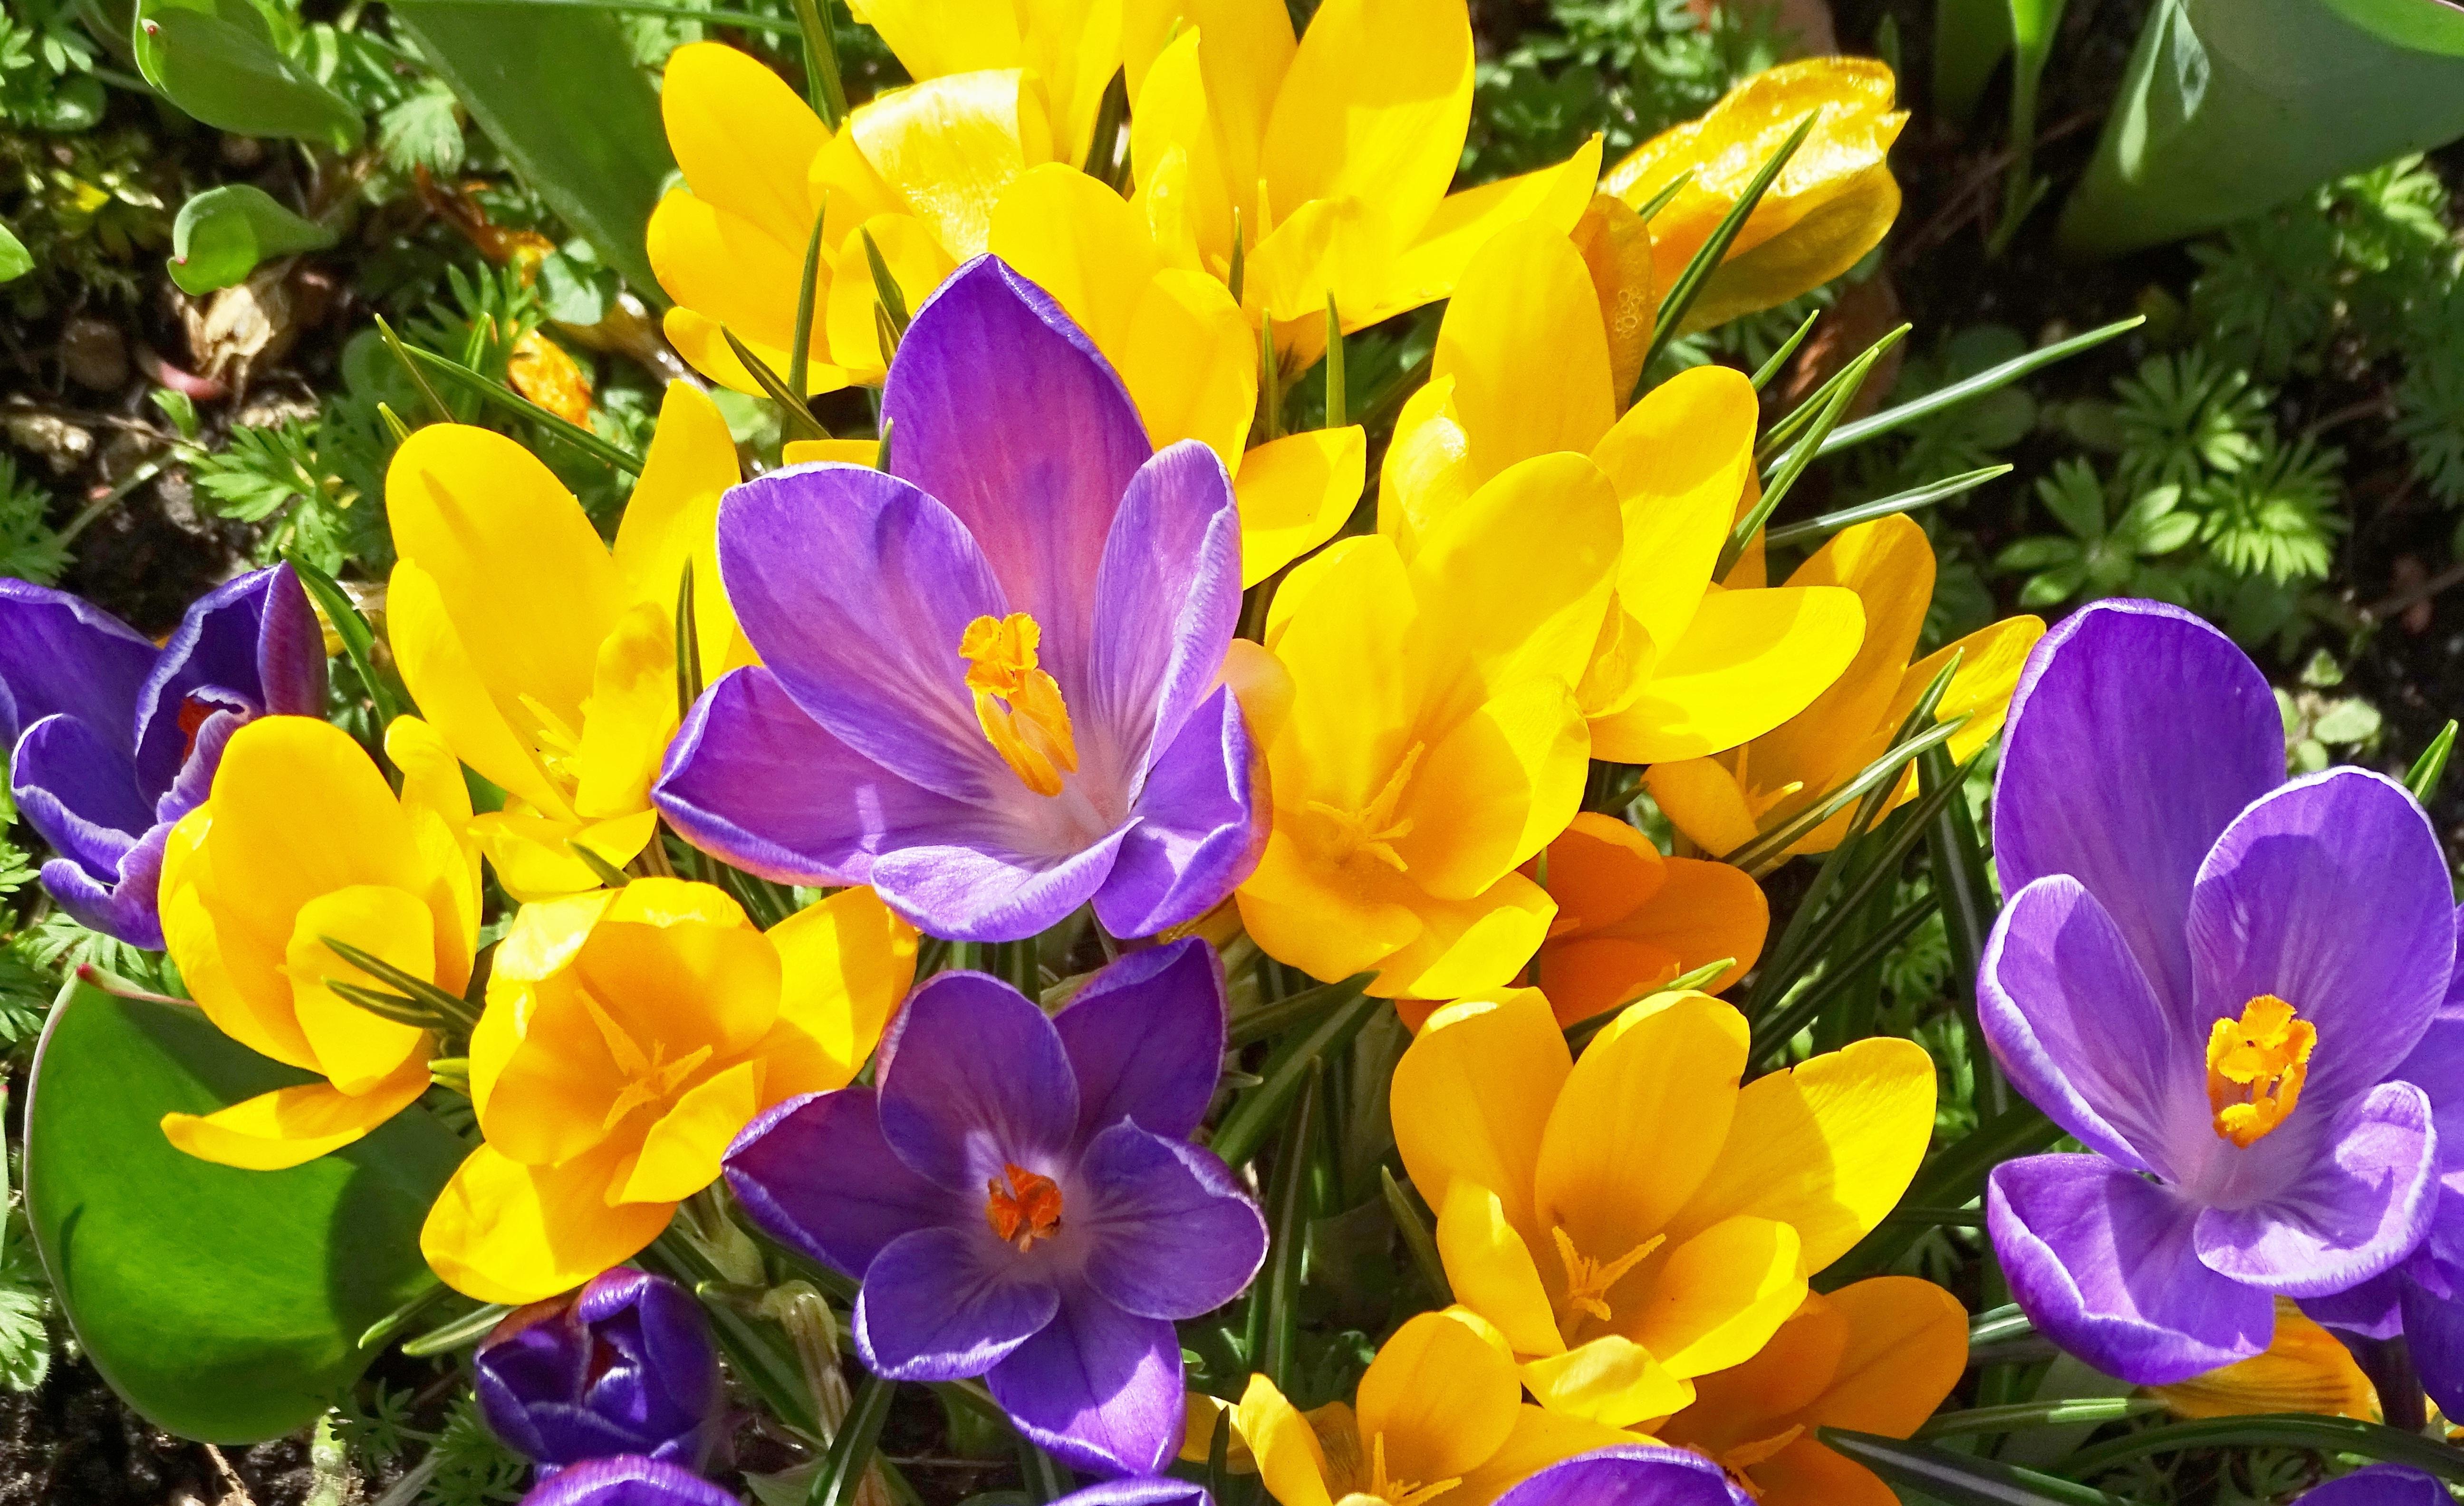 Free Images Nature Flower Purple Petal Bloom Park Colorful